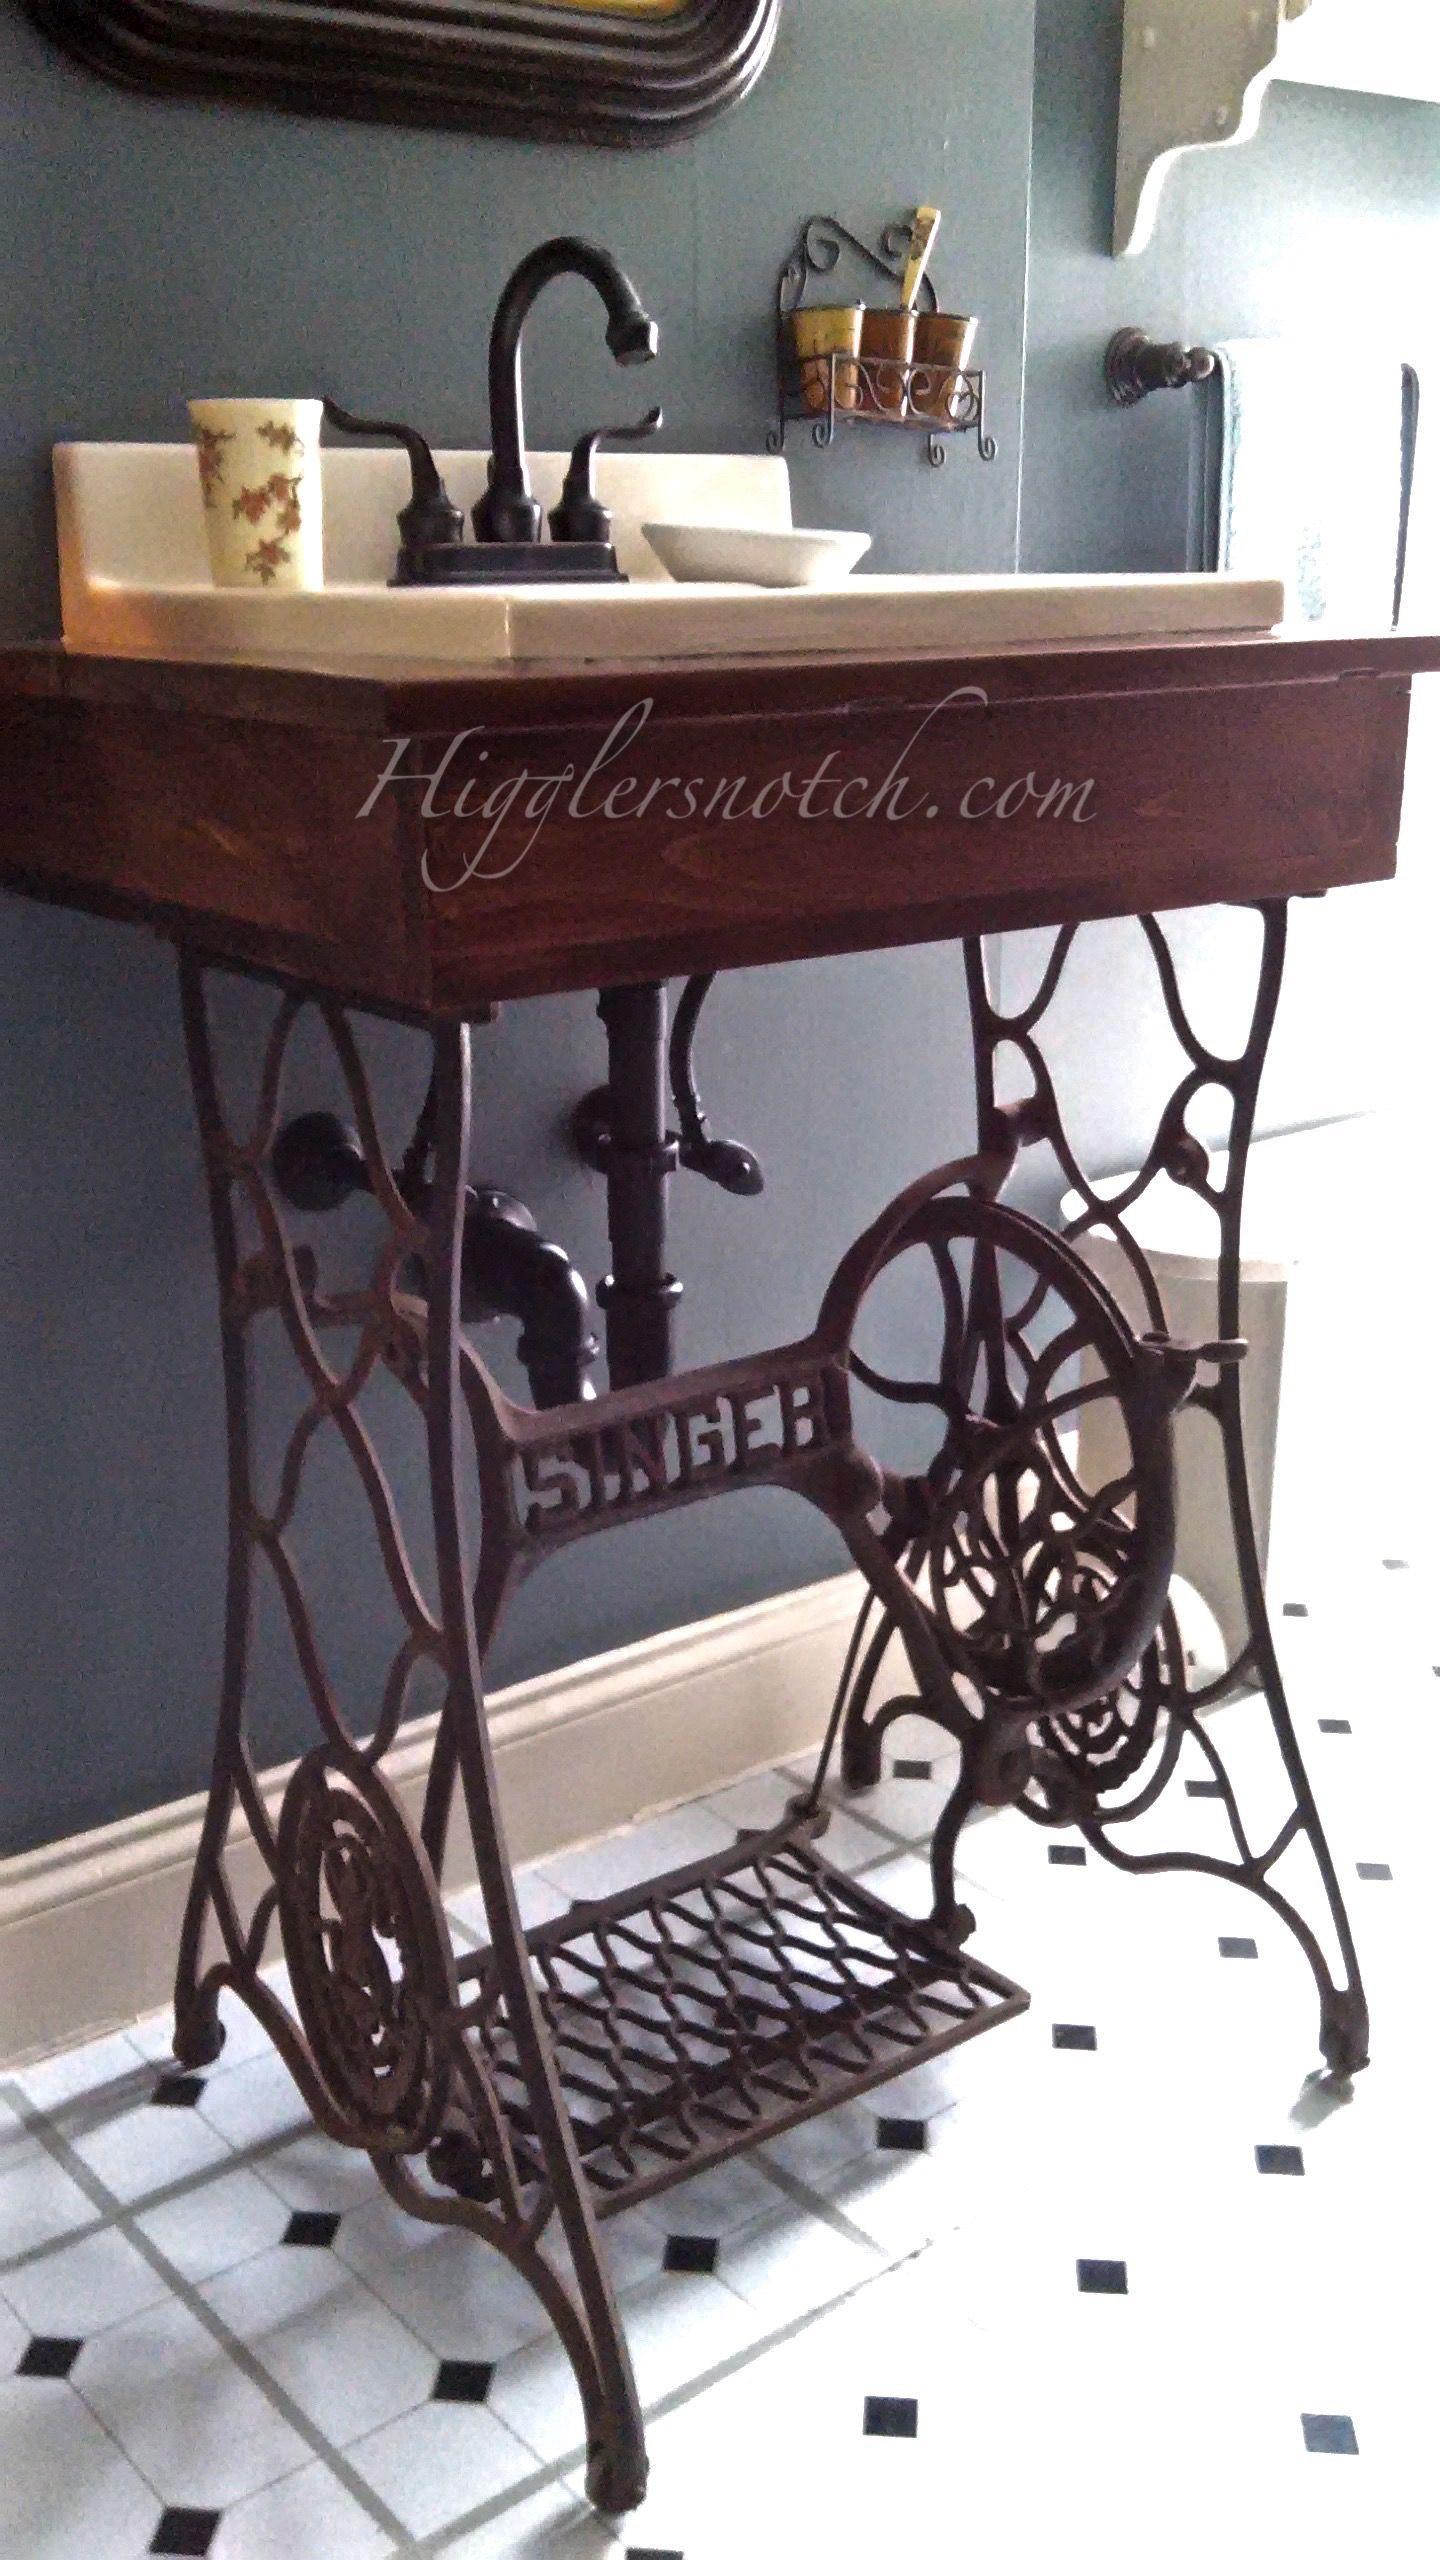 Maquina De Coser Convertida En Ba O Muebles Vintage Pinterest  # Muebles Maquina De Coser Segunda Mano